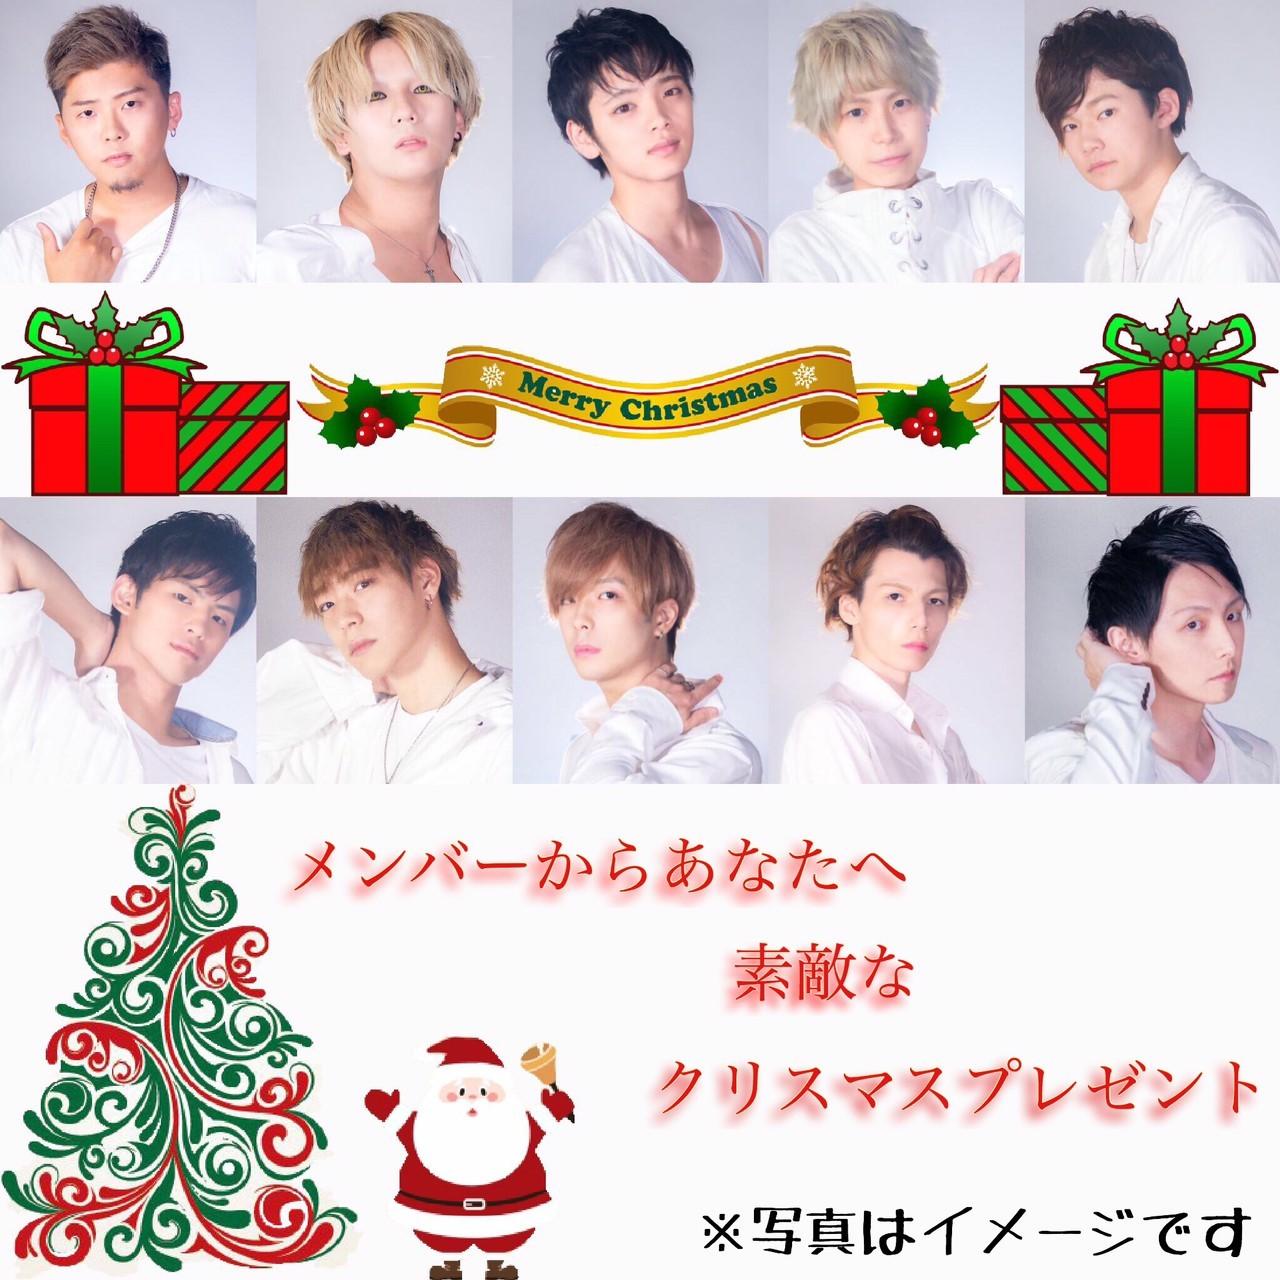 <お好きなメンバーよりあなたの為だけに贈るクリスマスプレゼントプラン>